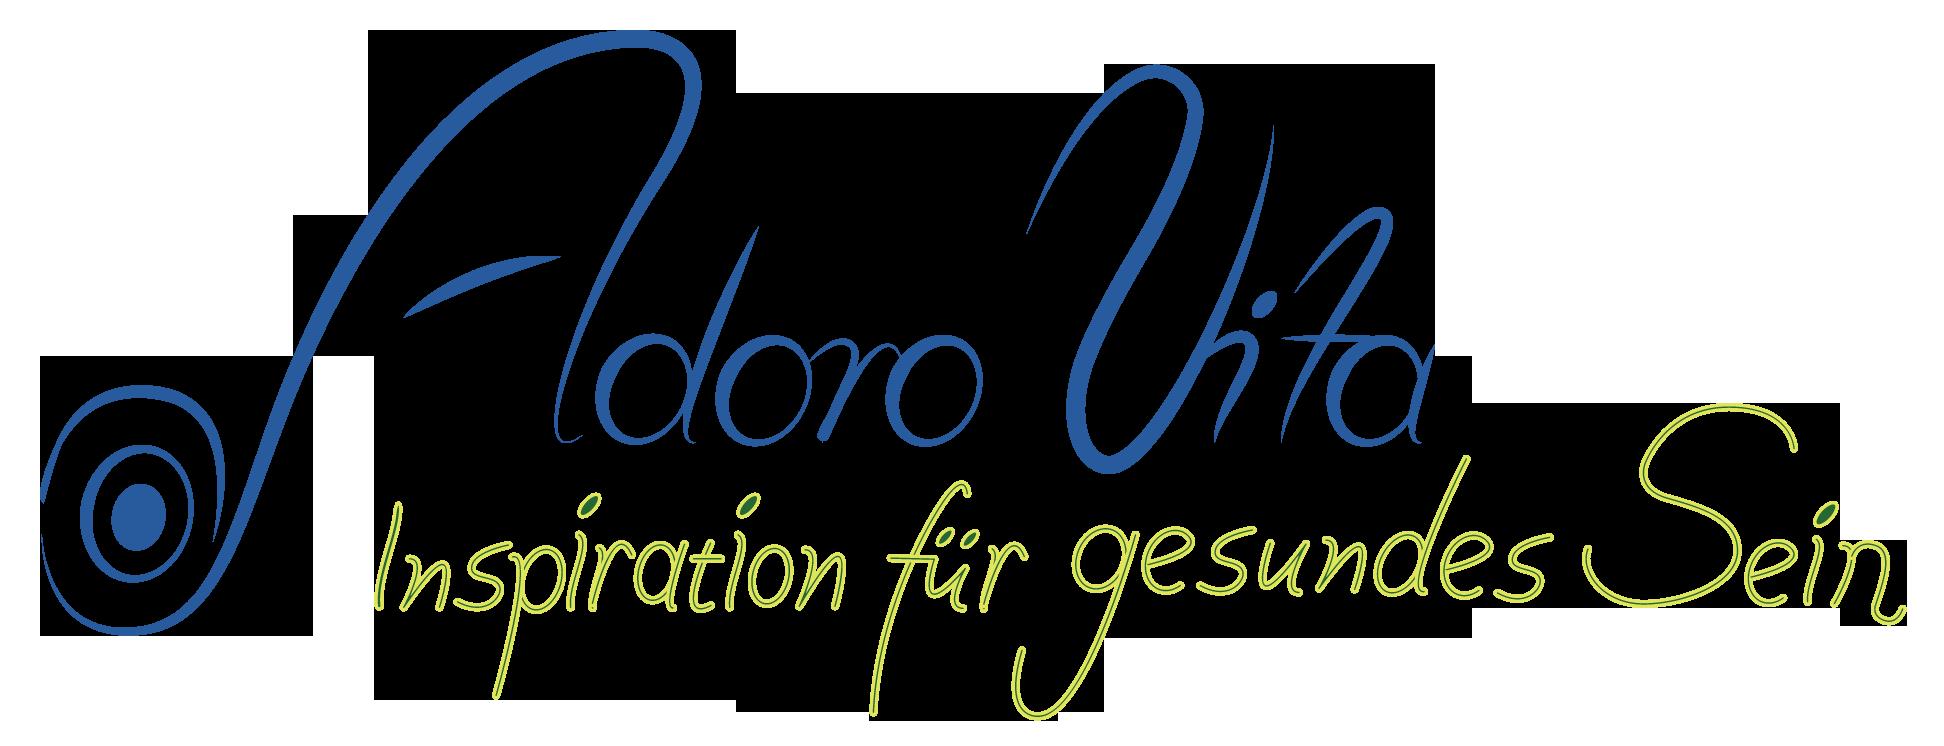 Adorovita-Mitgliederbereich